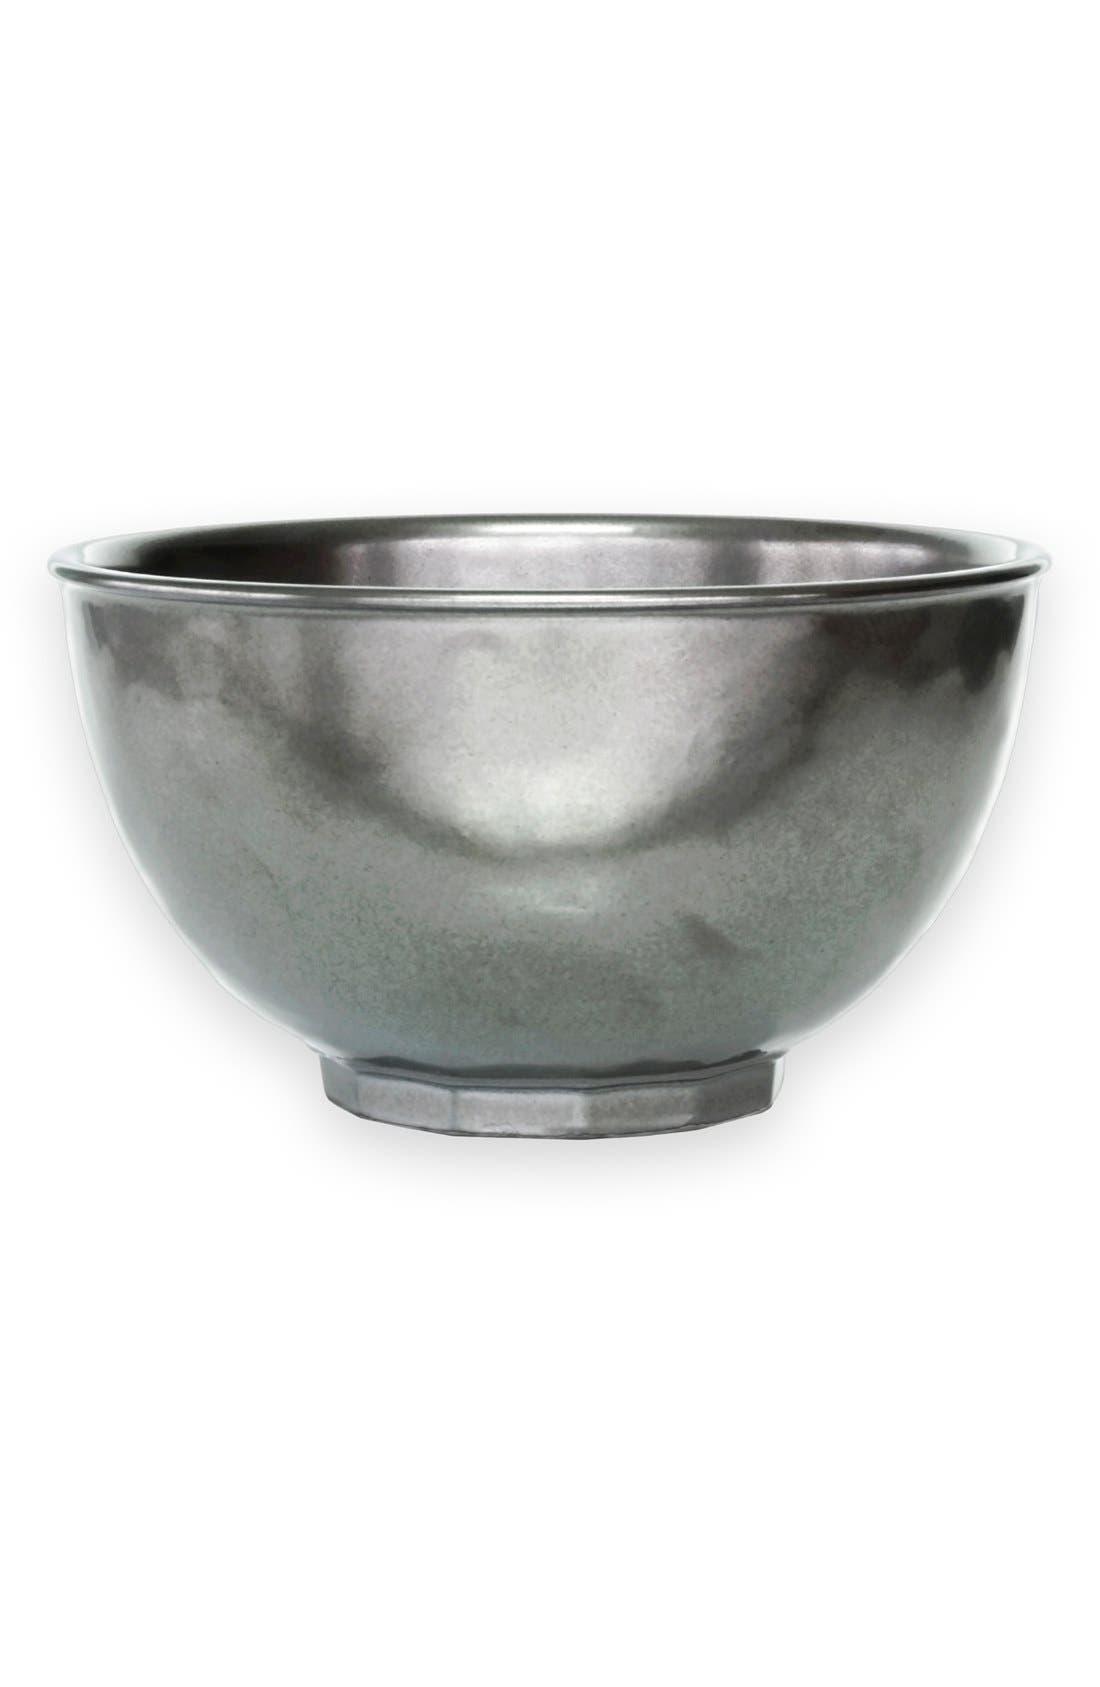 Juliska 'Pewter' Ceramic Bowl